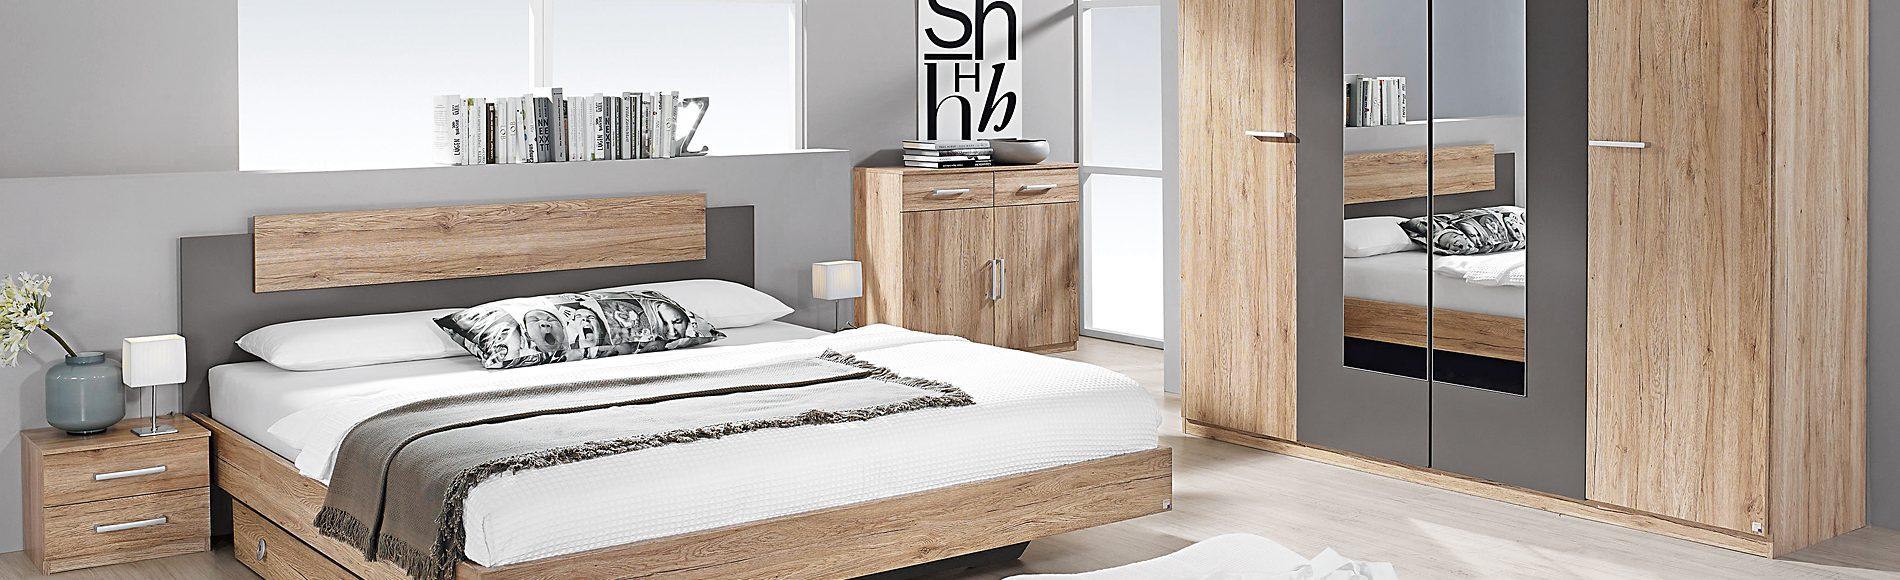 Full Size of Schlafzimmer Robin Hood Mbel Kchen Gnstig Kaufen Komplette Led Deckenleuchte Komplett Poco Wandleuchte Landhausstil Eckschrank Loddenkemper Gardinen Für Schlafzimmer Günstige Schlafzimmer